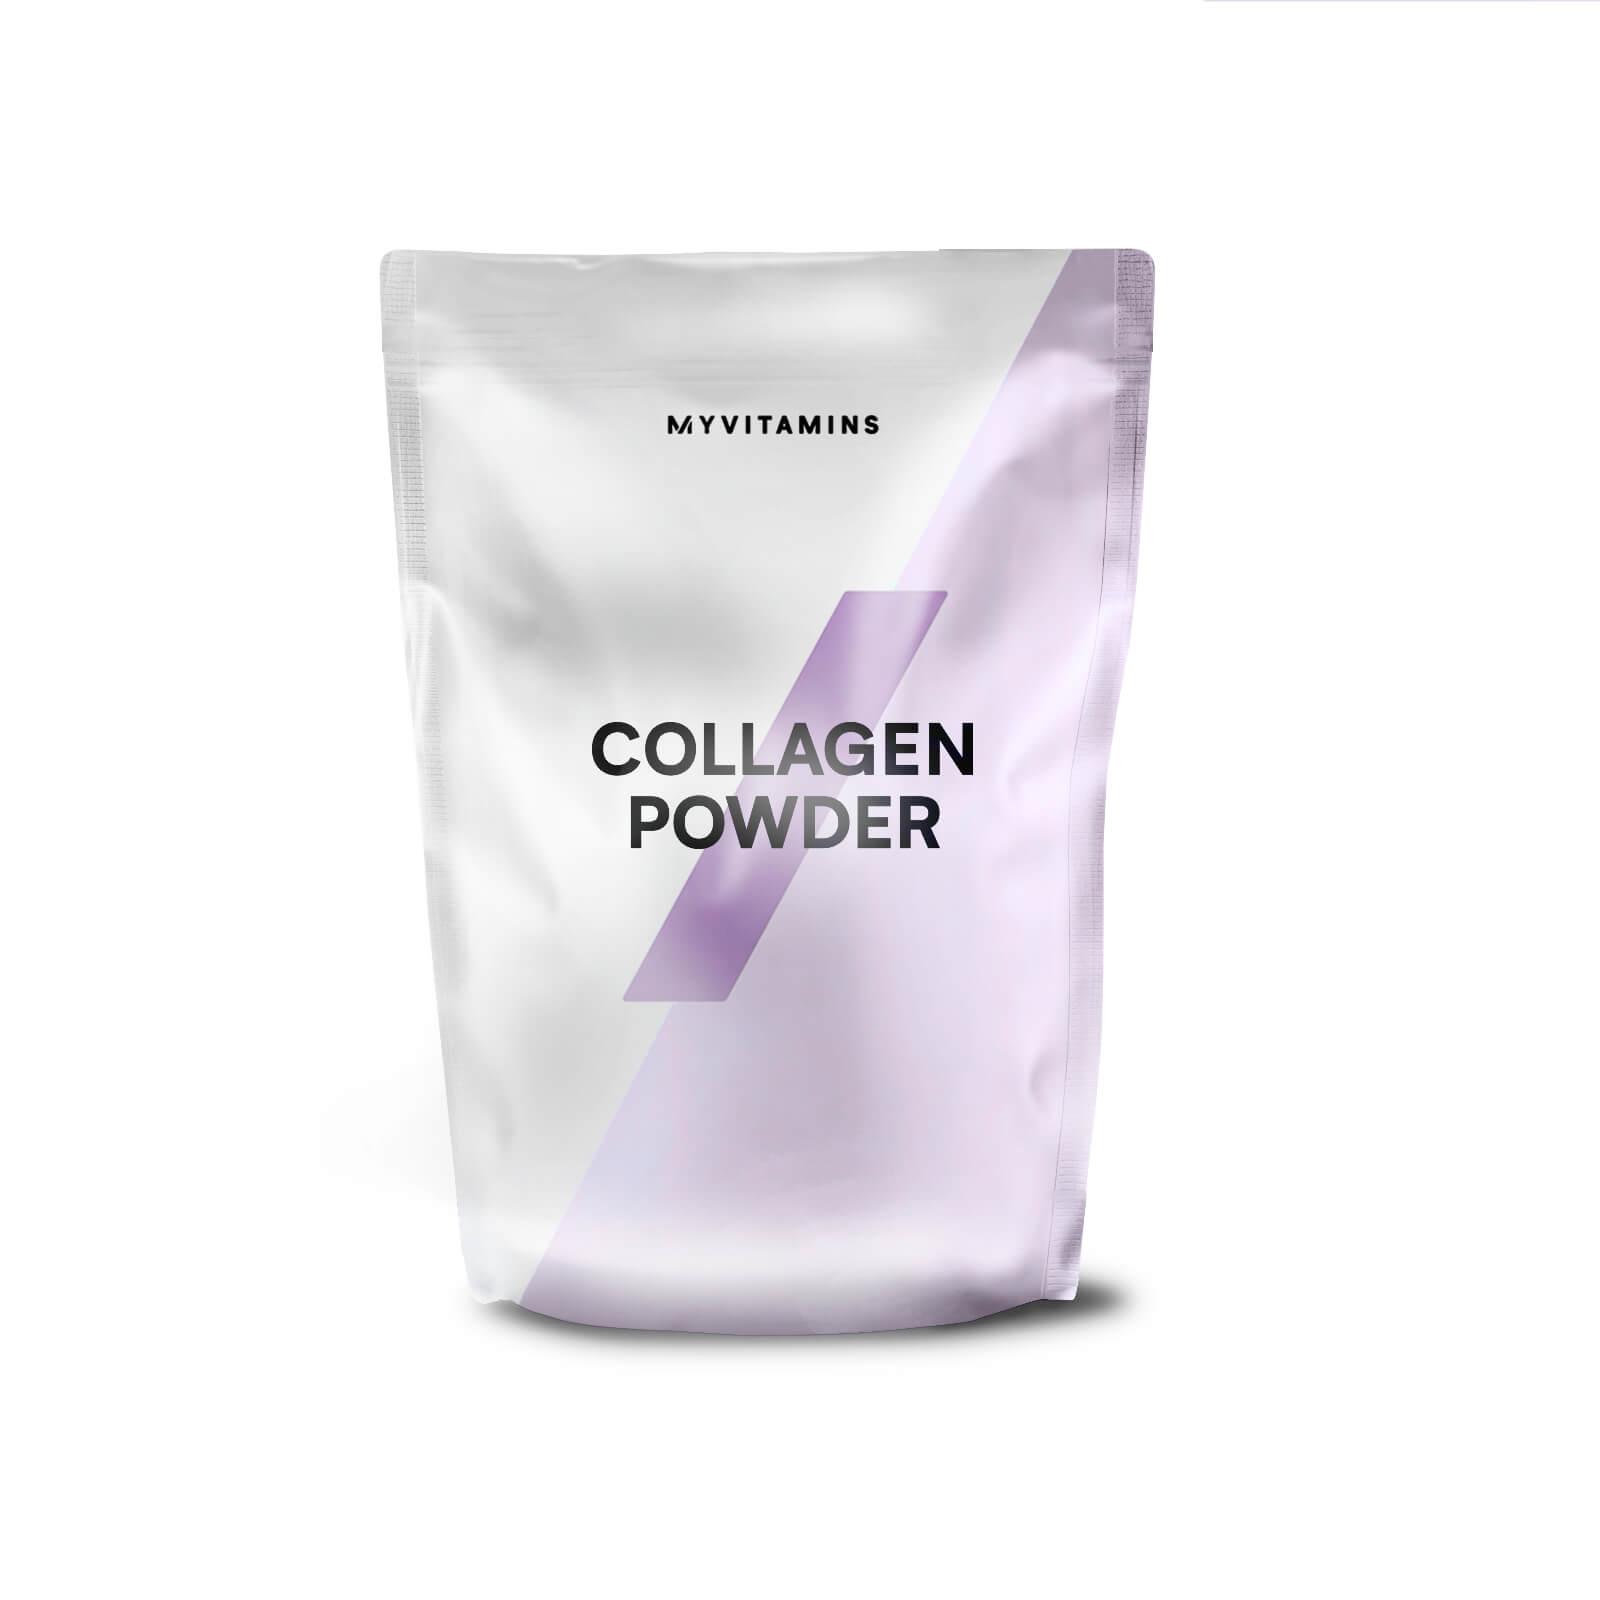 Myvitamins Poudre de collagène - 250g - Raisin Rouge